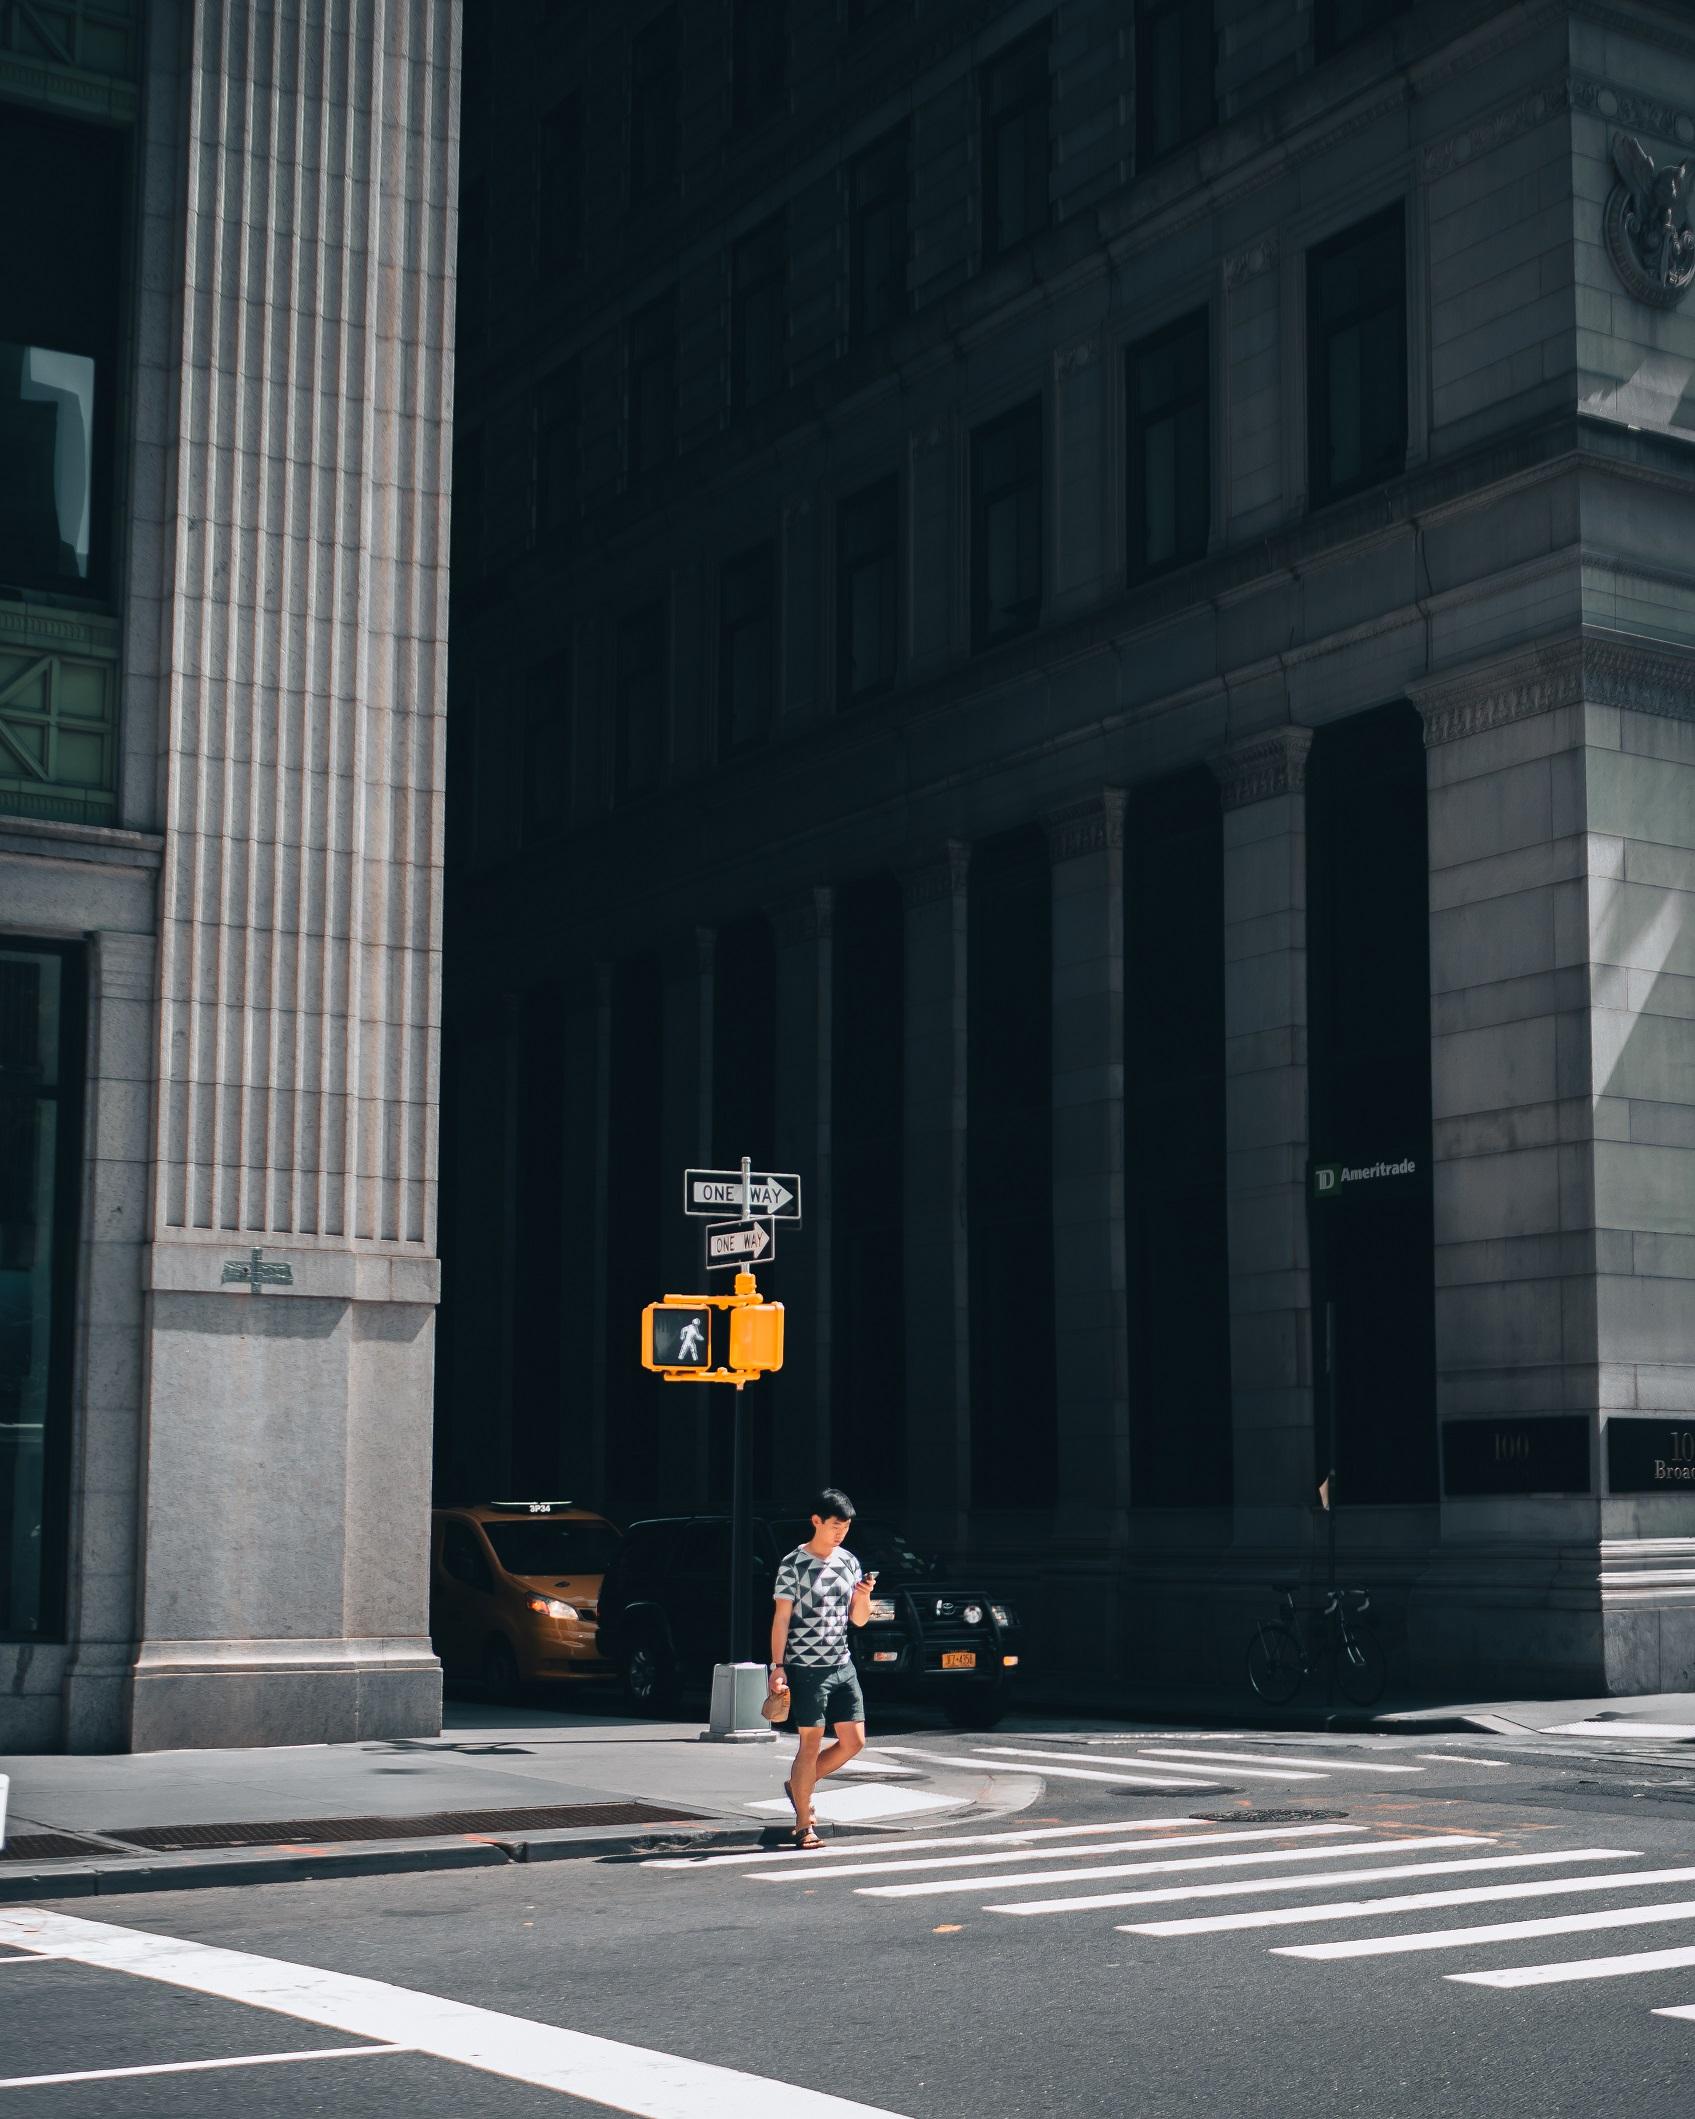 Man walking across the street in Wall Street, New York